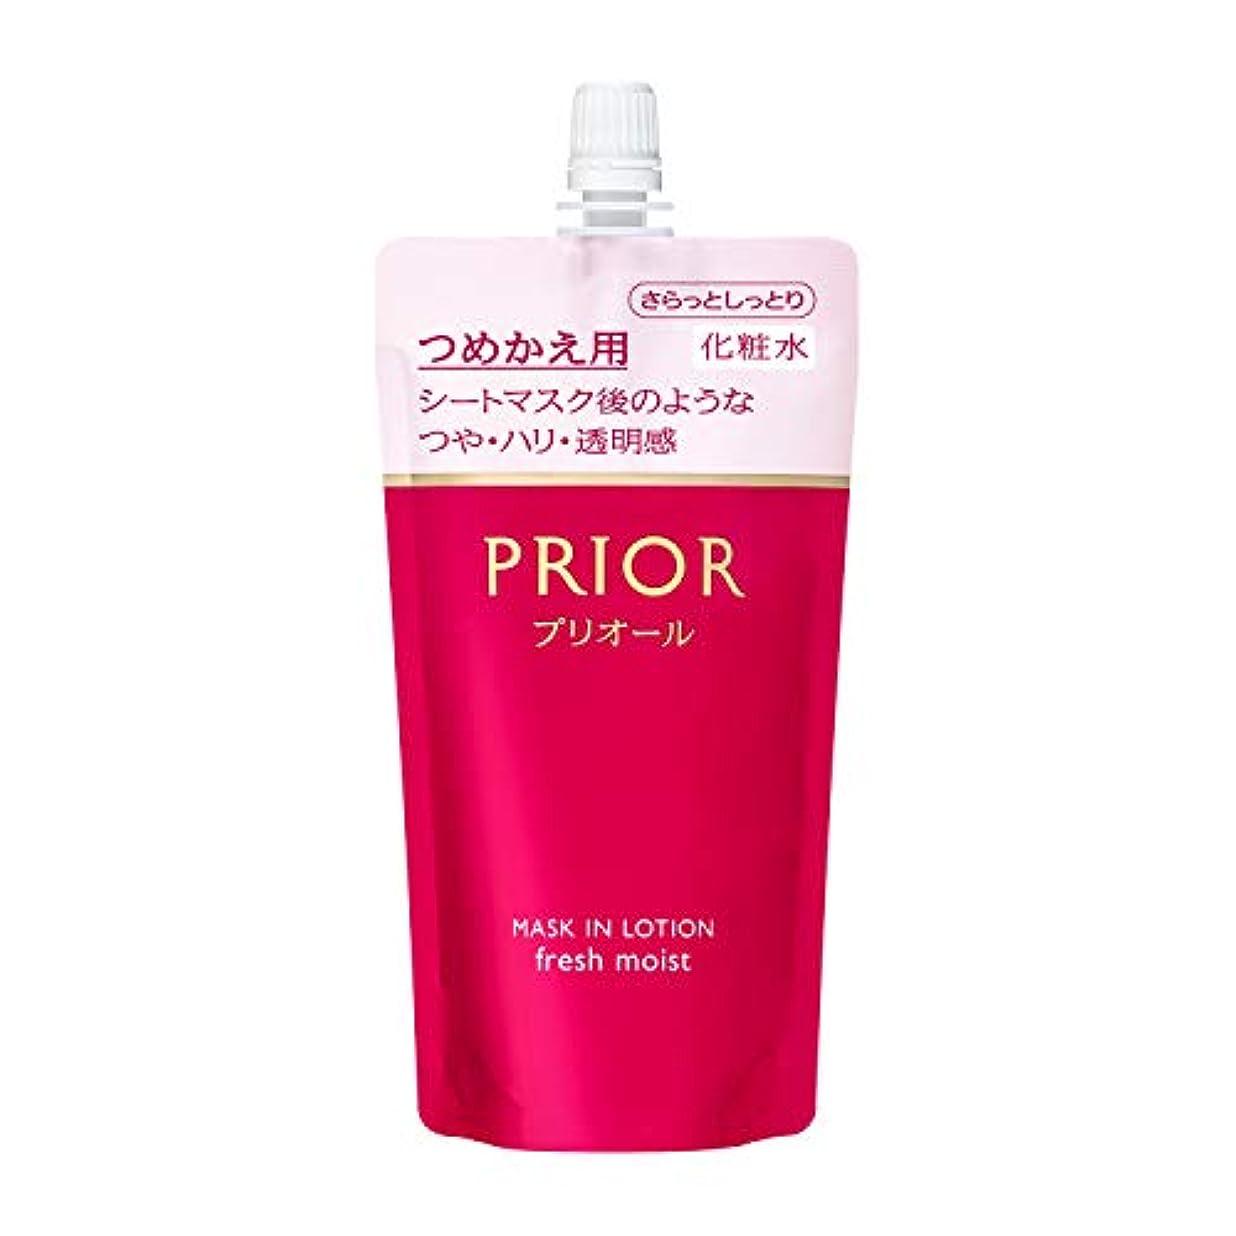 促進する期限切り下げプリオール マスクイン化粧水 (さらっとしっとり) (つめかえ用) 140mL